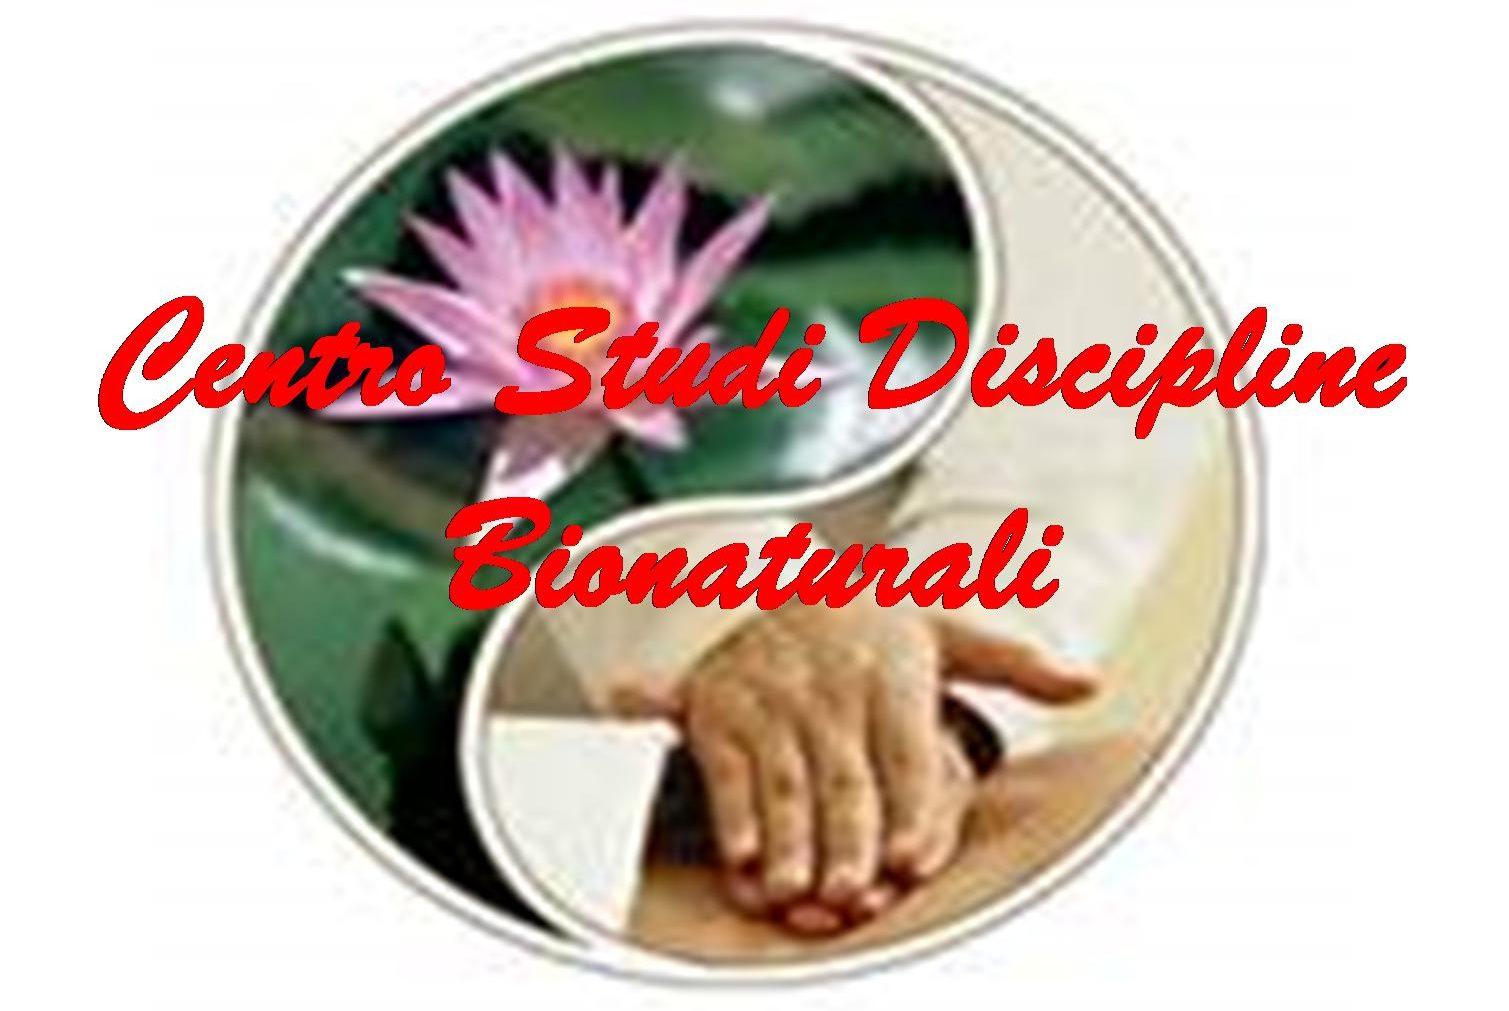 Centro Discipline Bionaturali